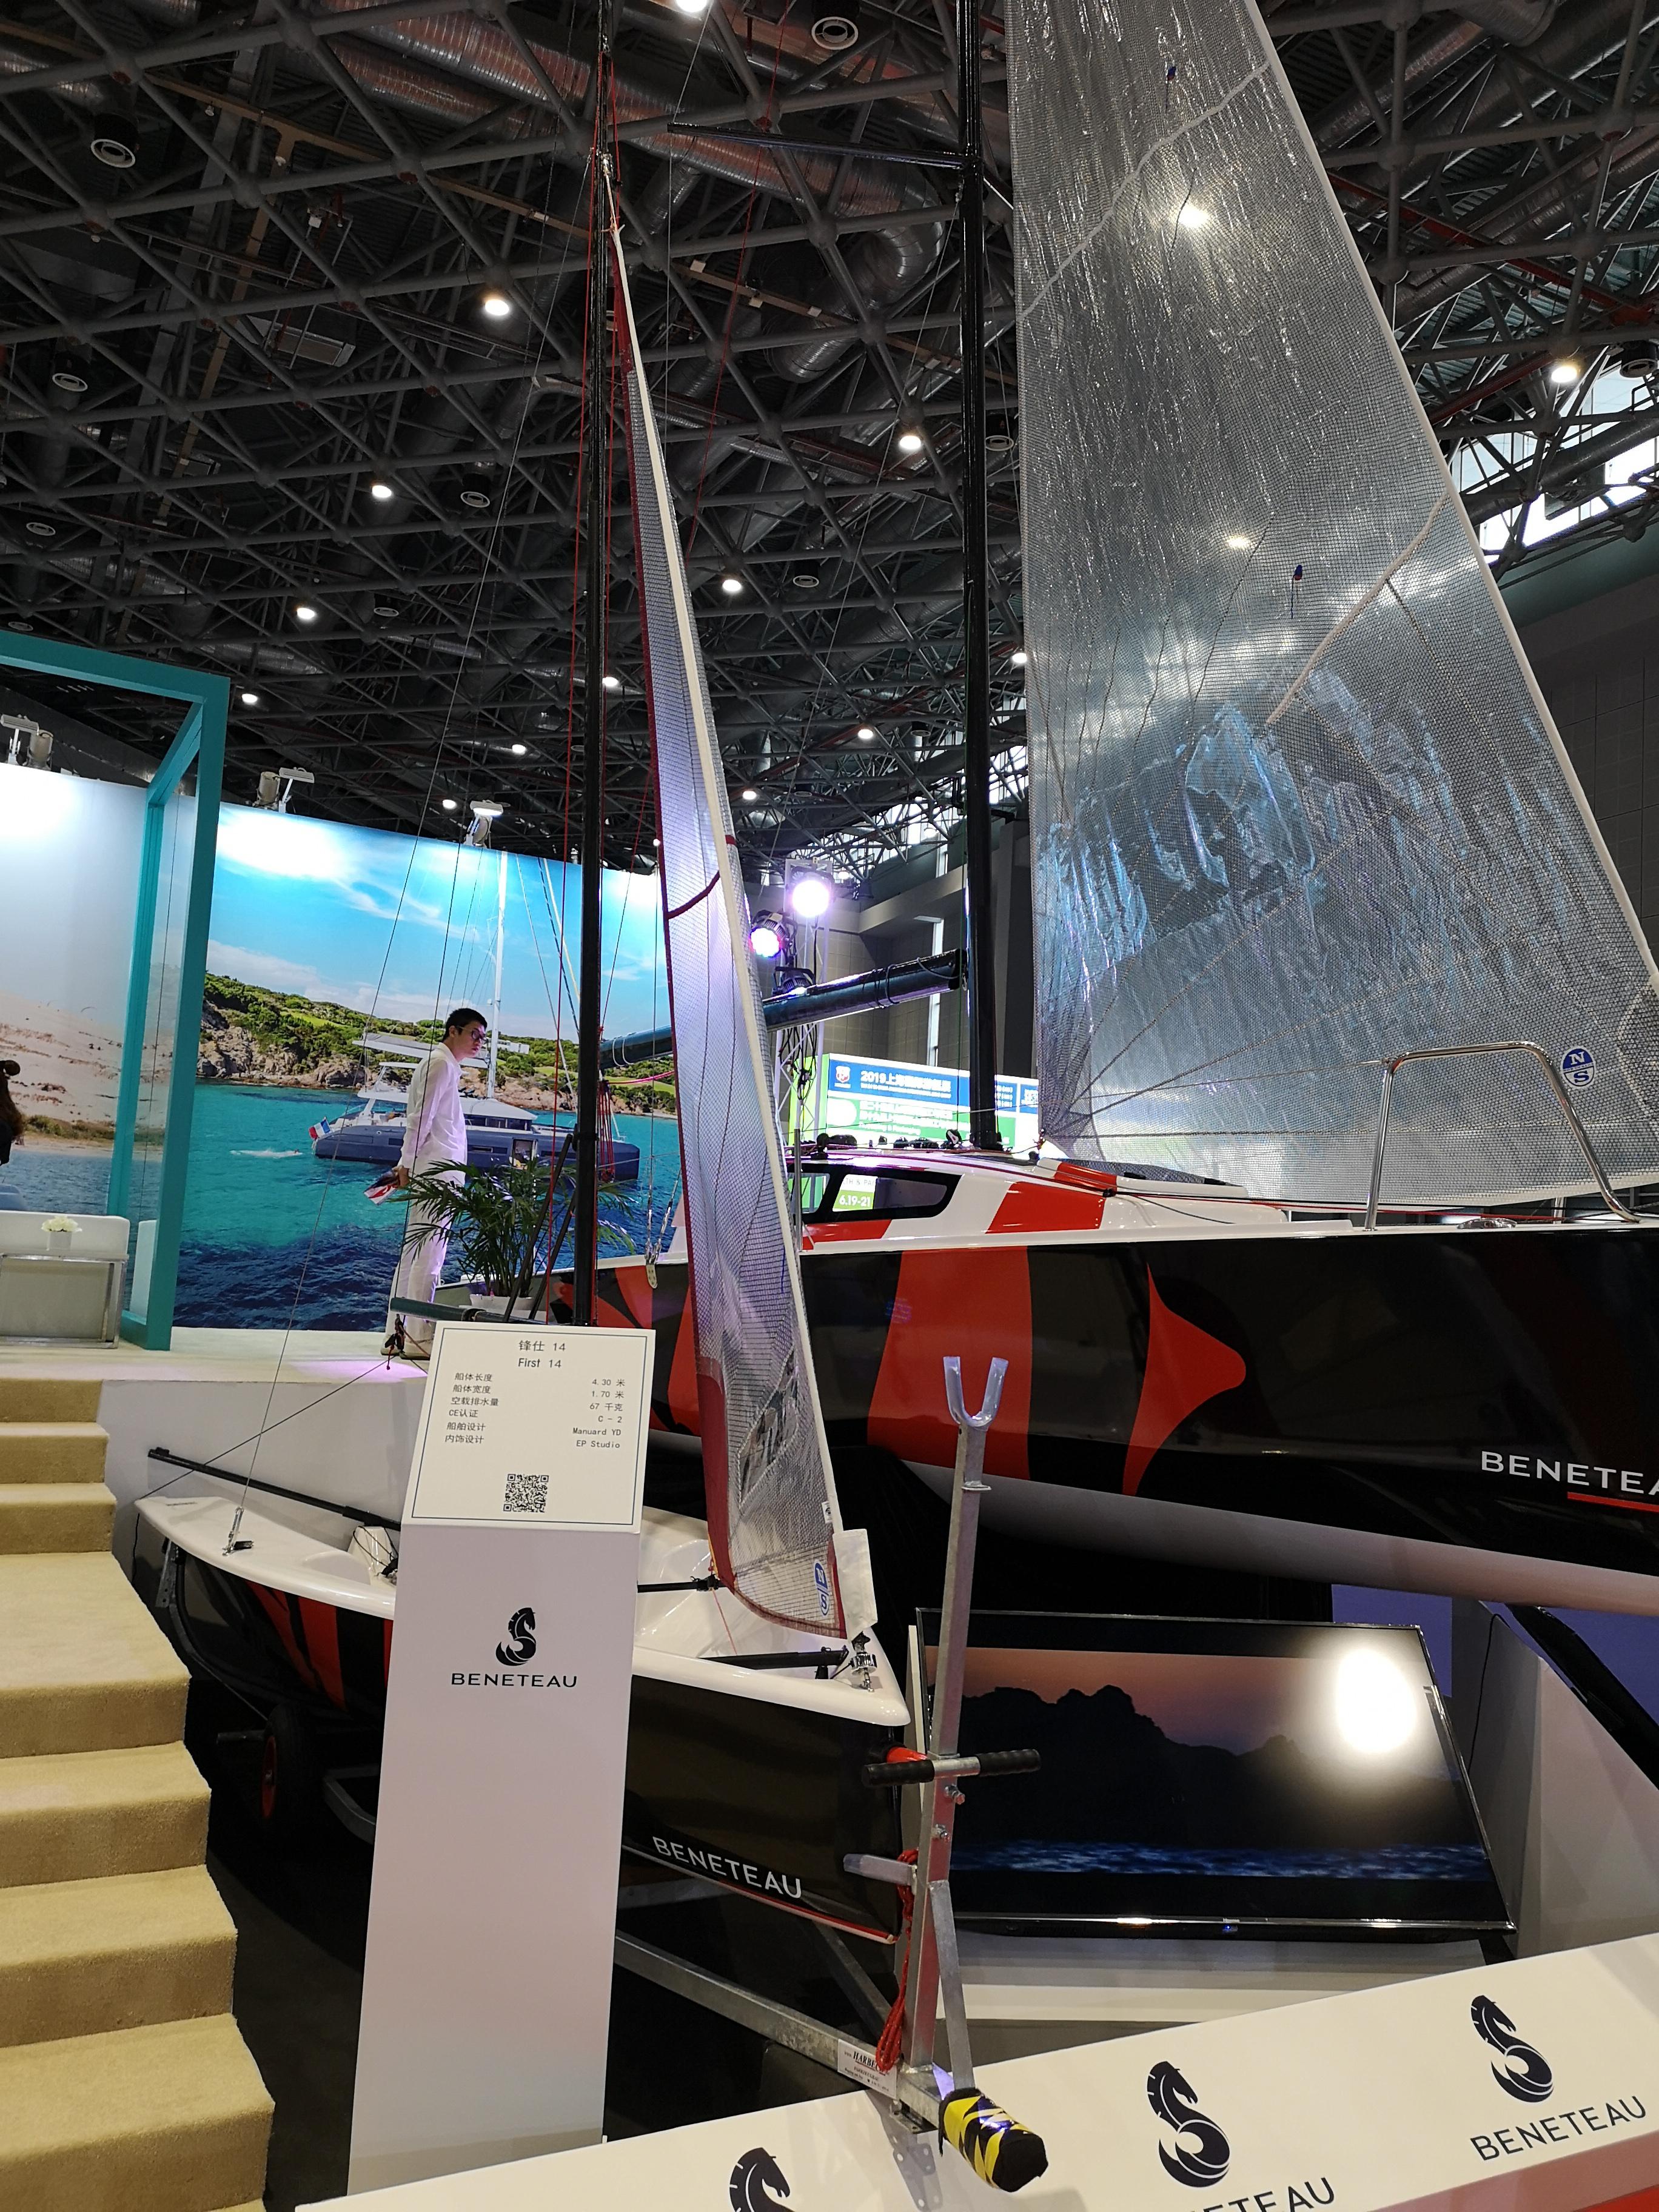 游艇,国际,上海,2019,中国 2019第二十四届上海船展开幕 博纳多携多艘全新船型亮相  184944mno1n11q